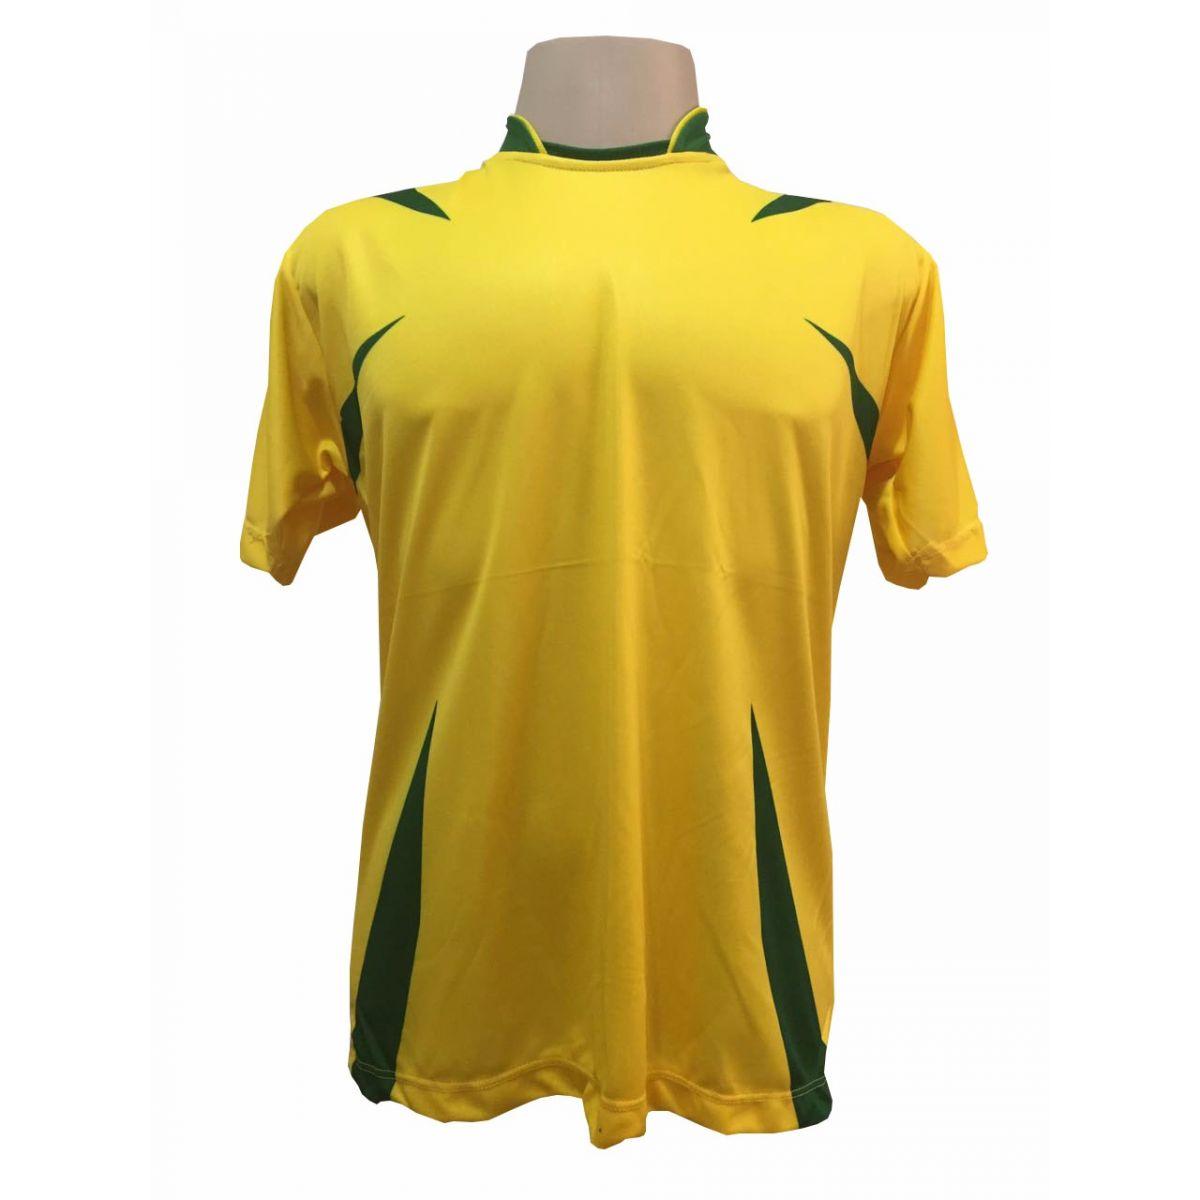 Jogo de Camisa com 14 unidades modelo Palermo Amarelo/Verde + 1 Goleiro + Brindes